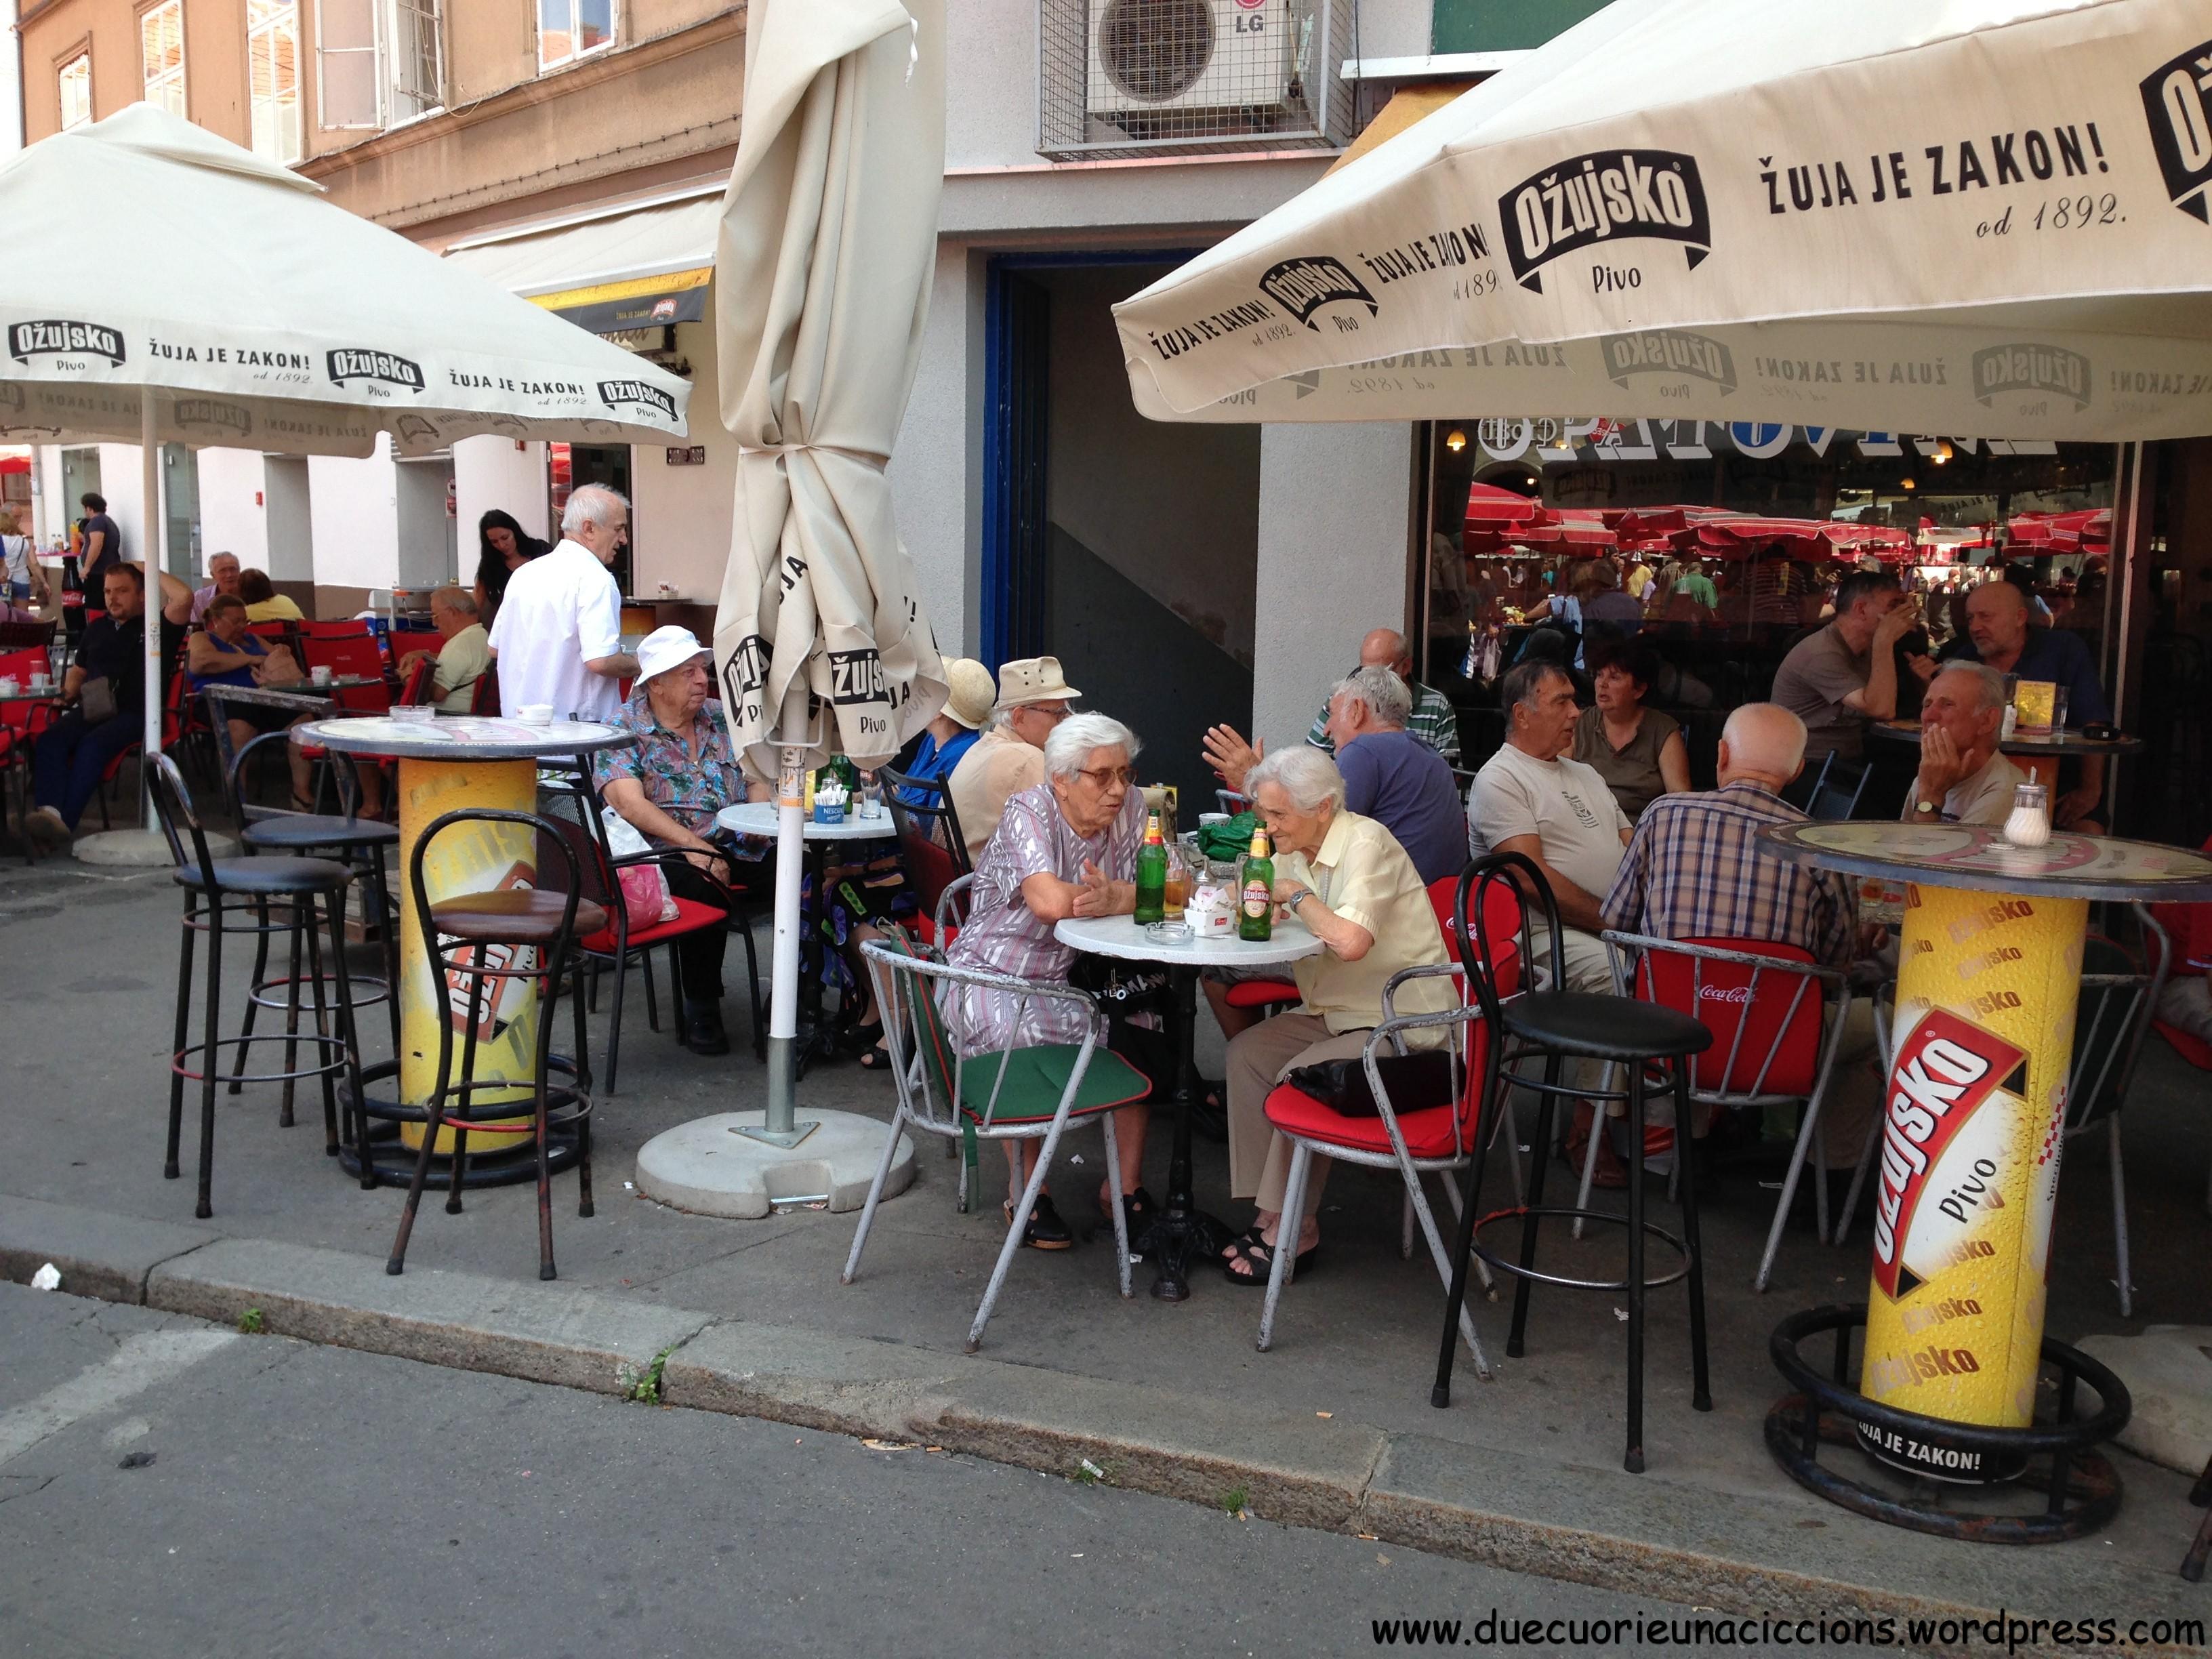 Ulica Ivana Tkaliciceva